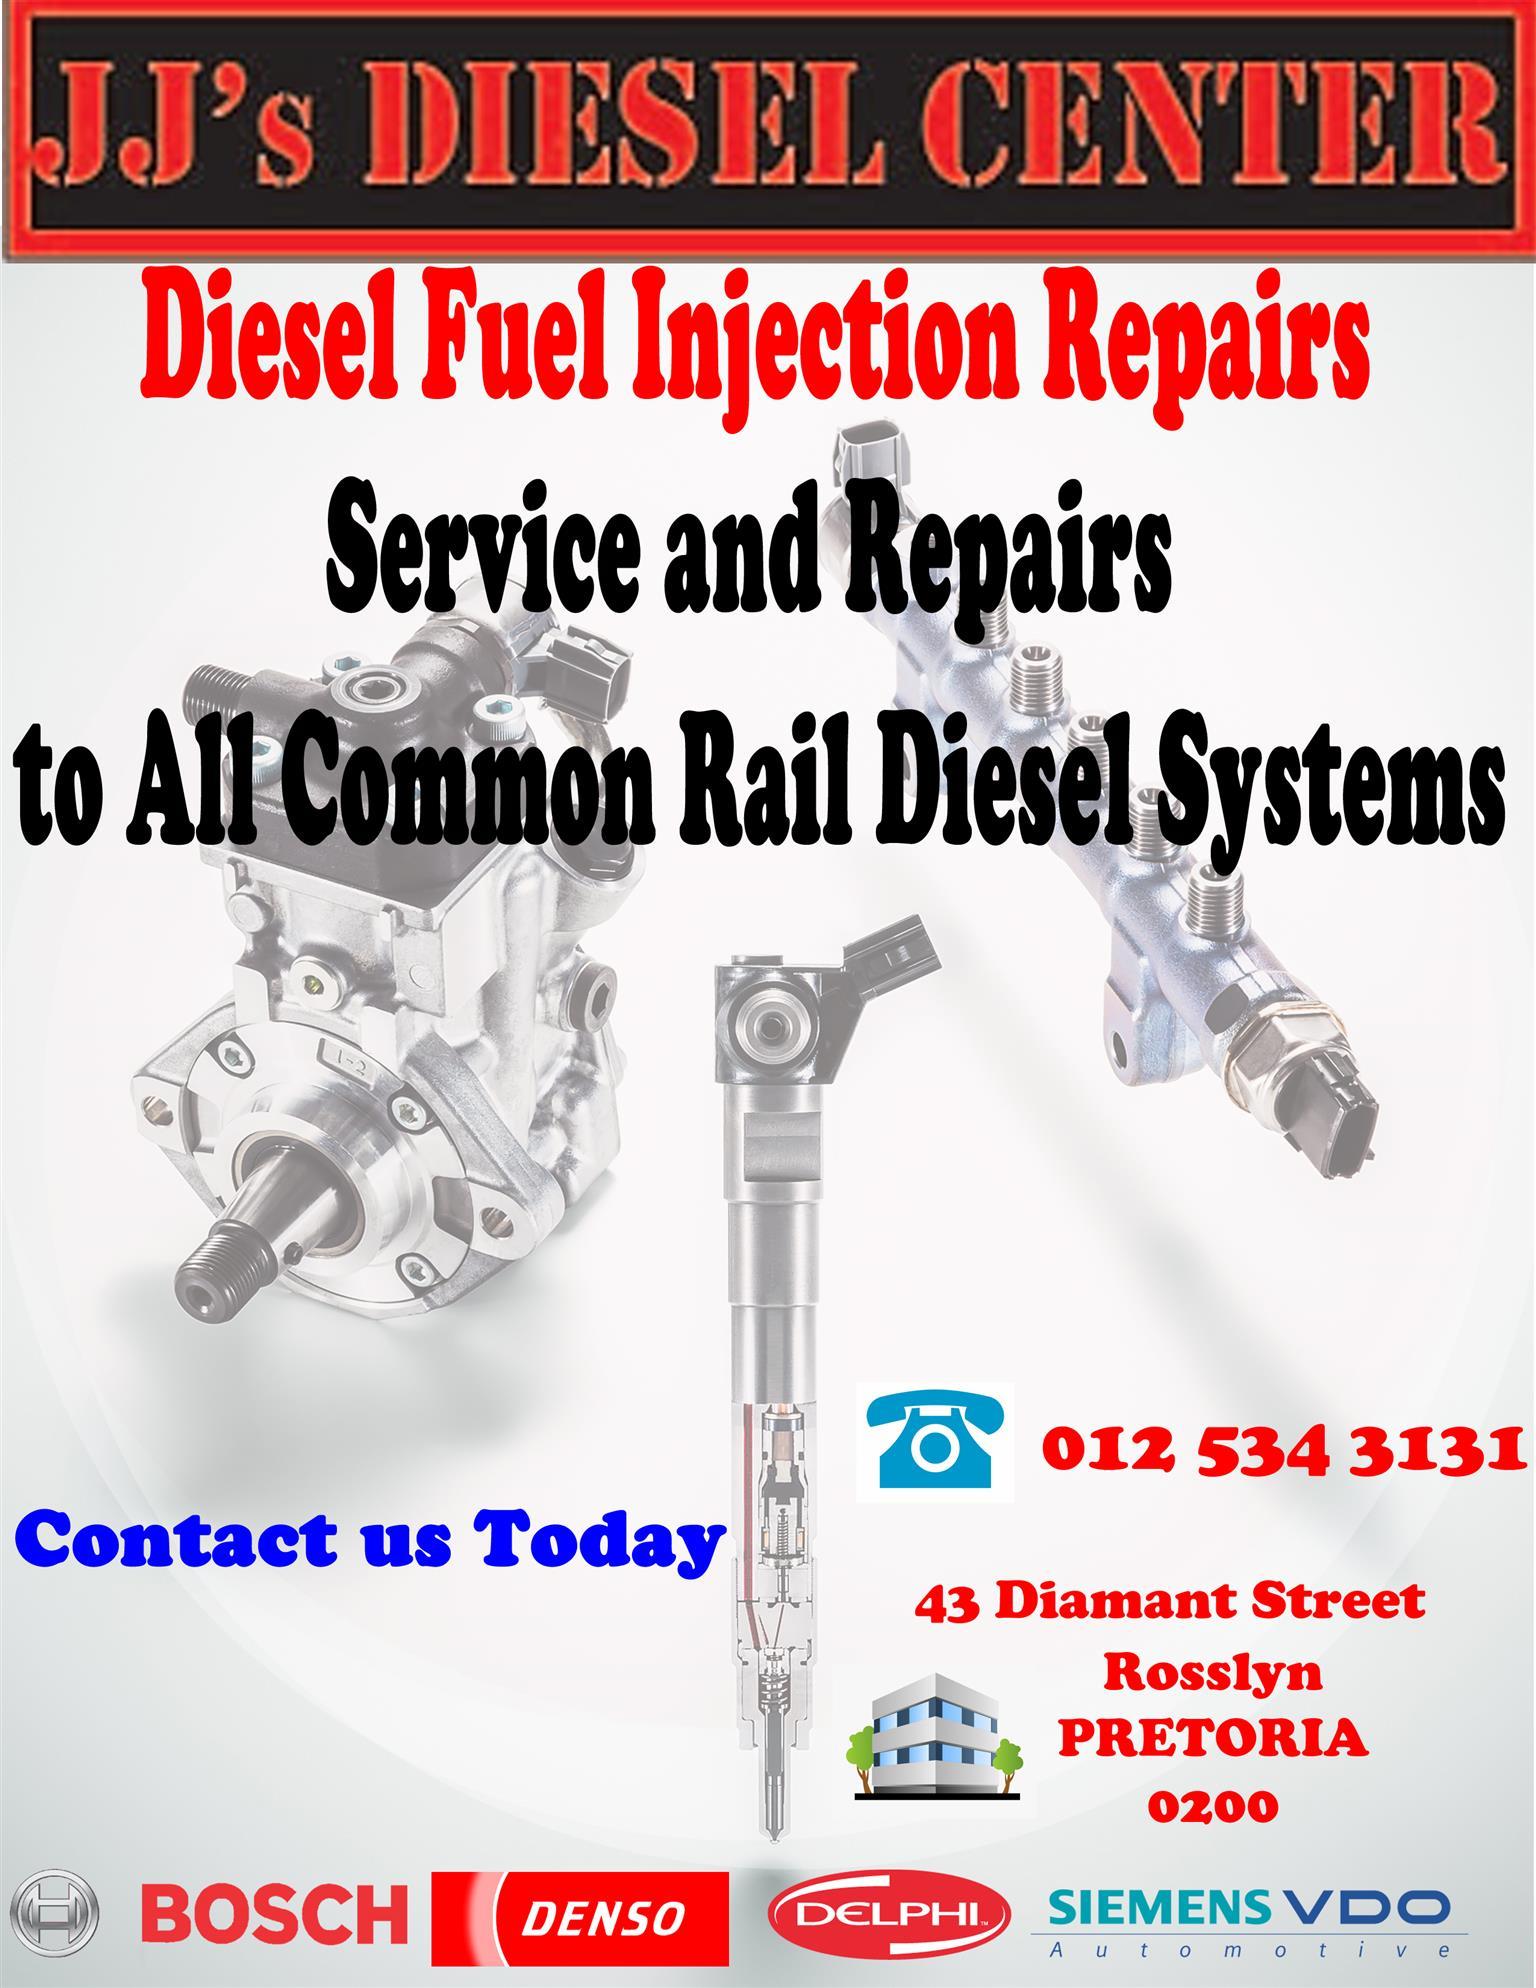 Diesel Fuel Injection Repairs